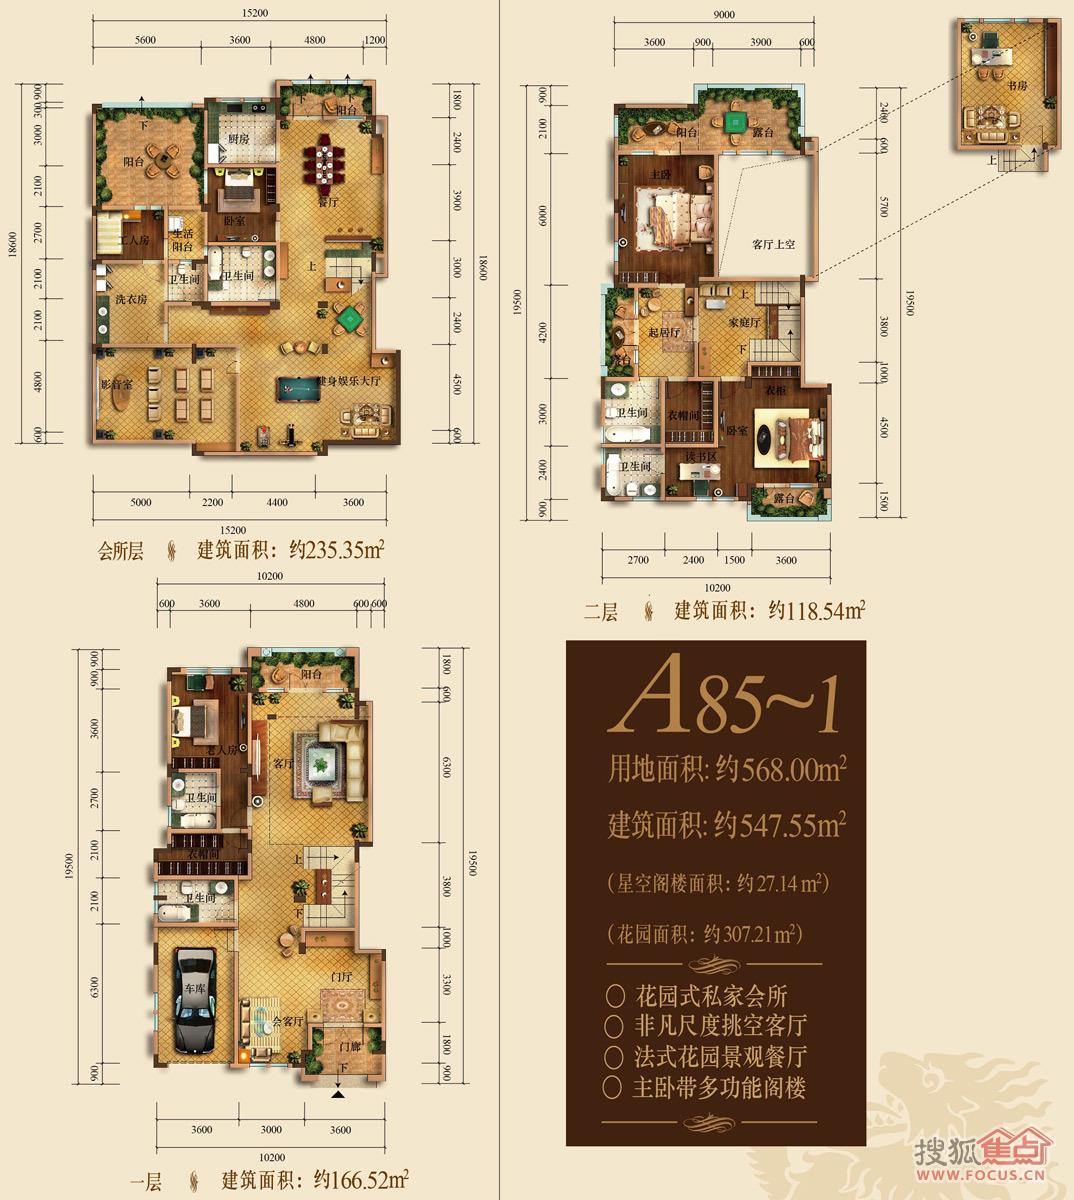 一期鹭岭双拼别墅组团三批次a85栋1号房户型